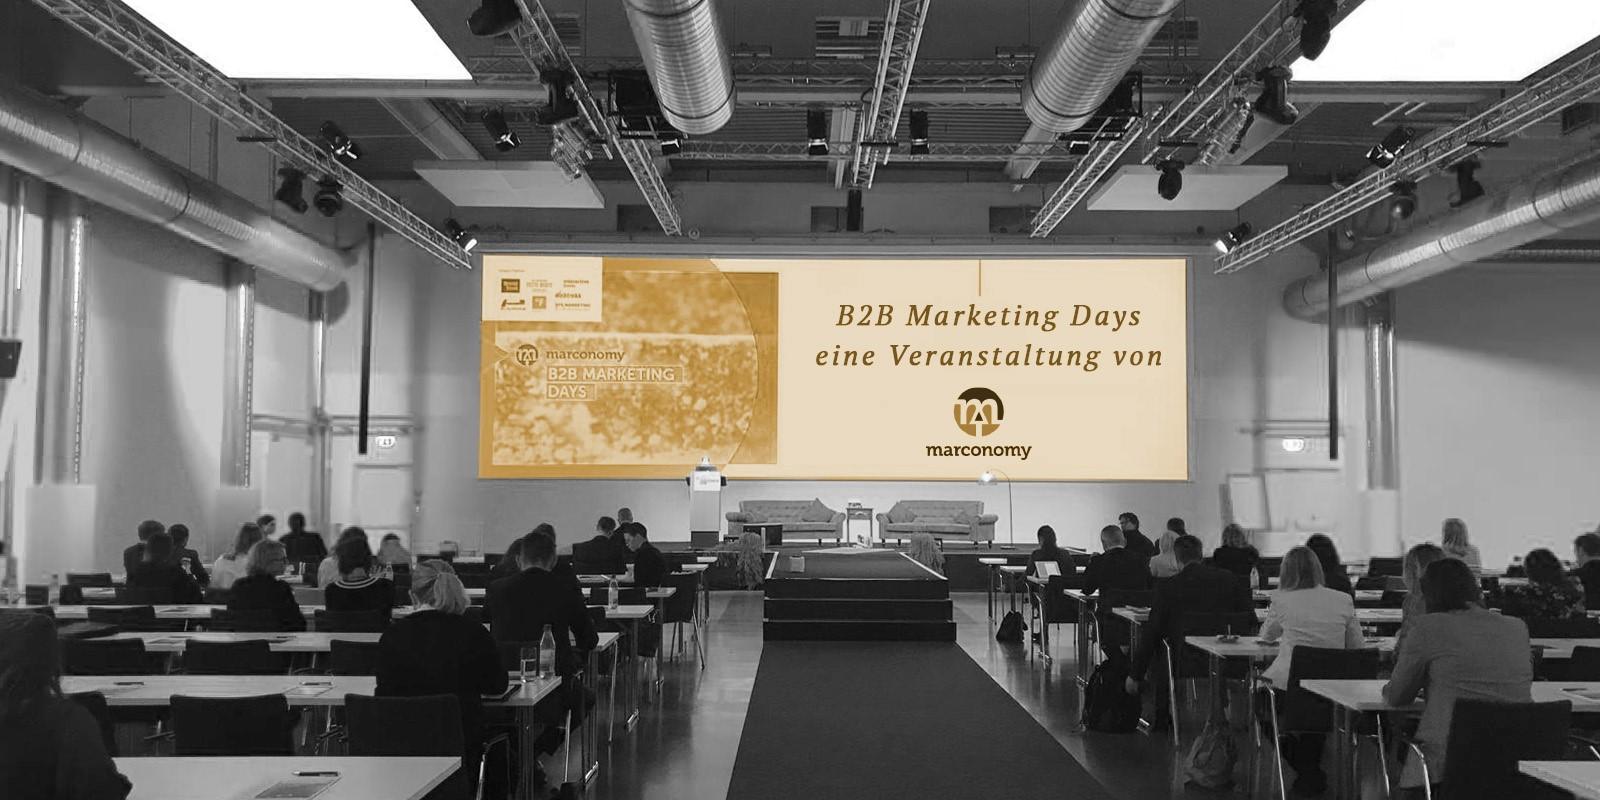 Wenn B2B die Welt rettet. Ein Rückblick auf die marconomy B2B Marketing Days 2018